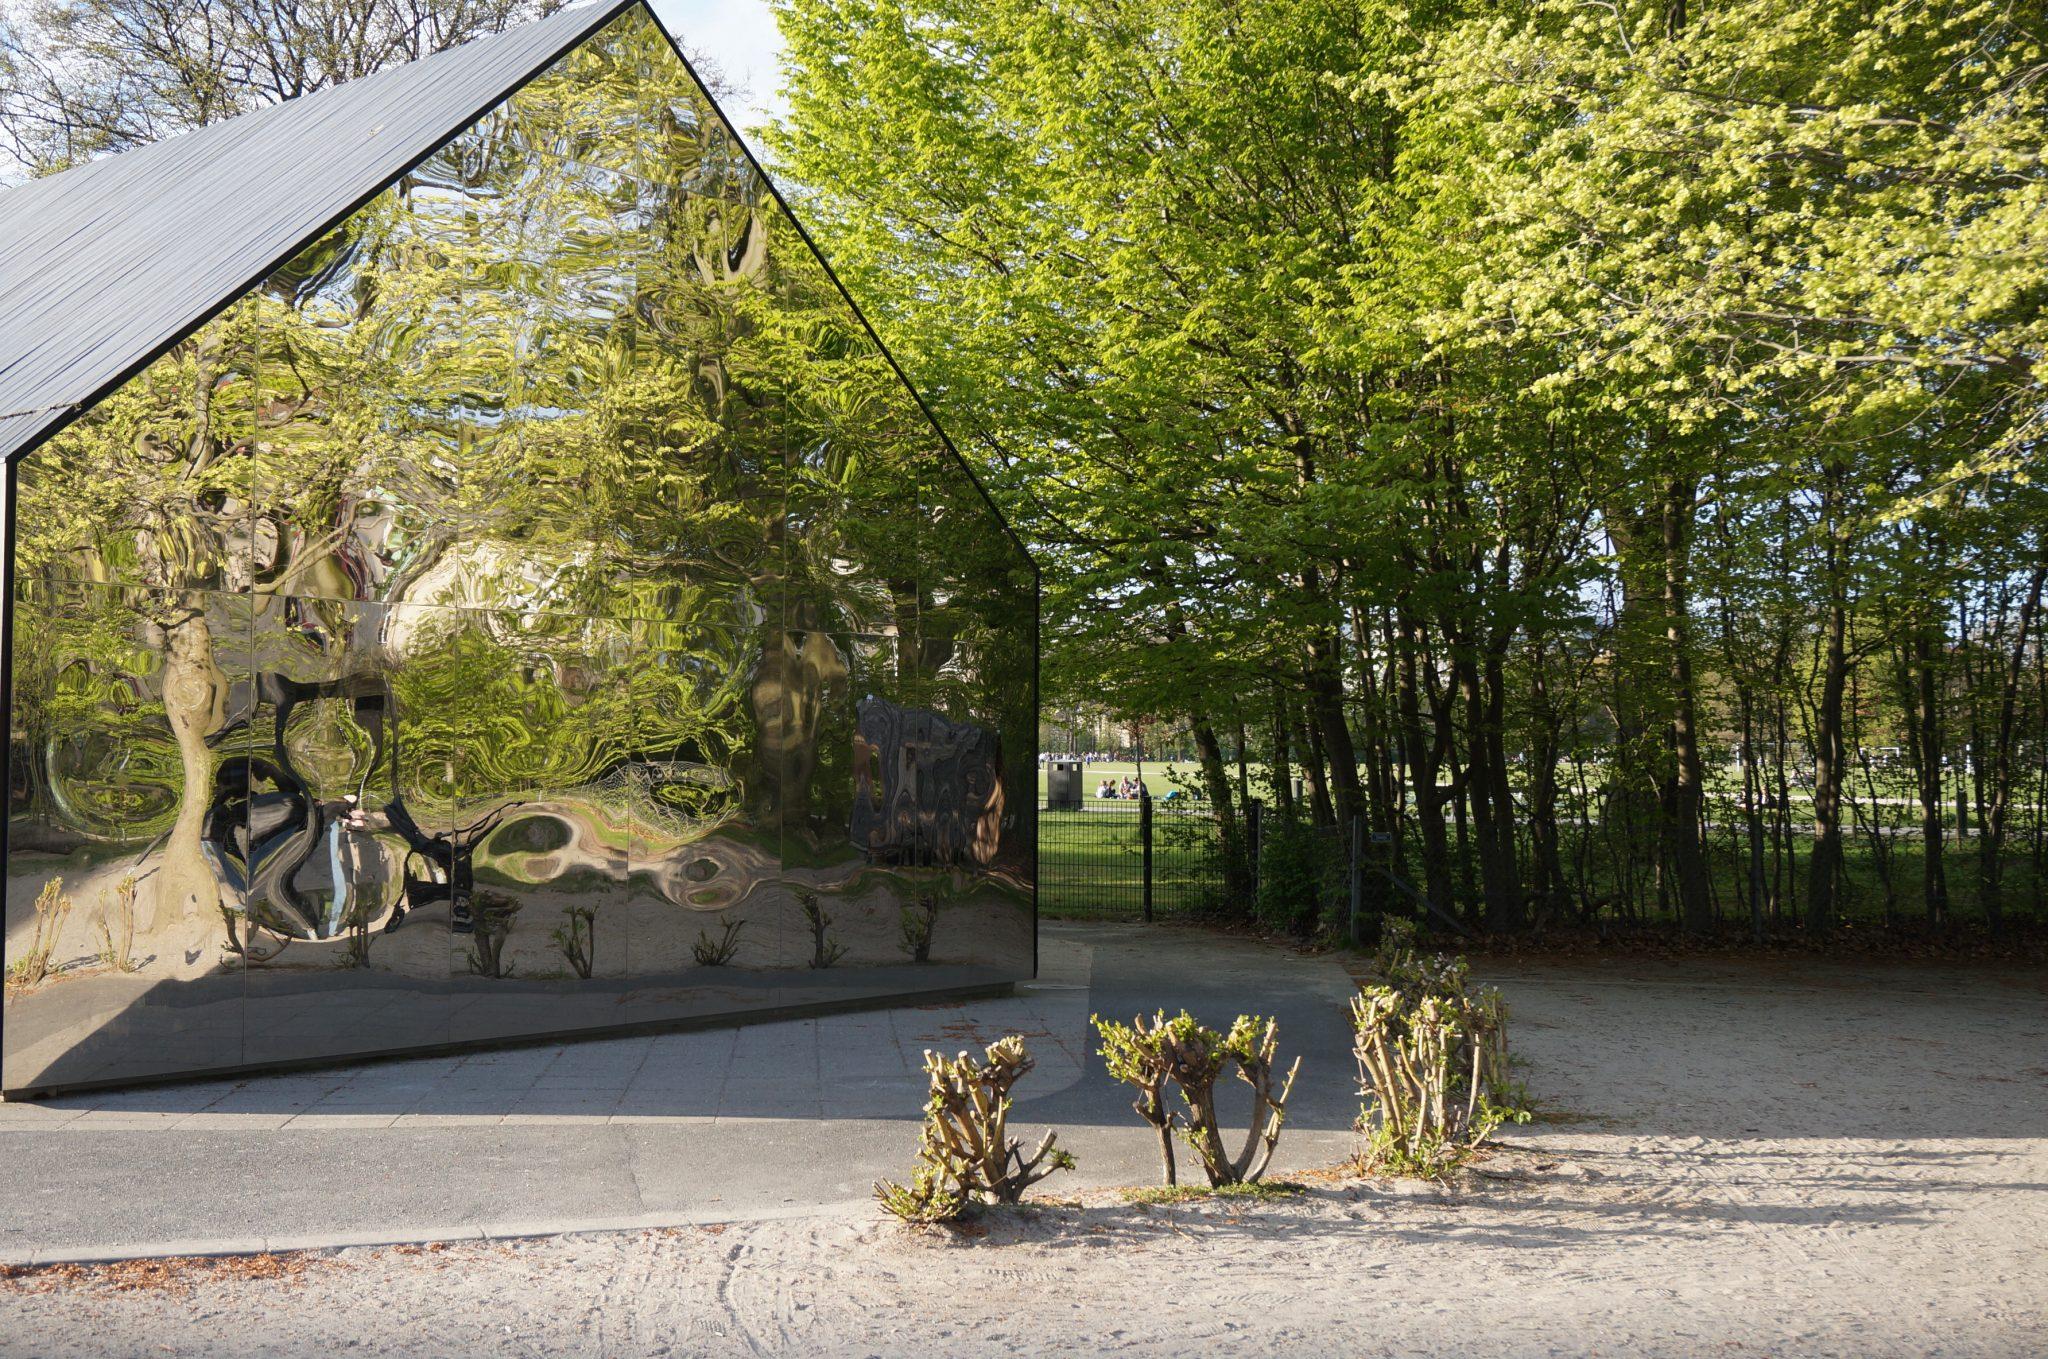 DSC04442 - Kopenhaga - Architour